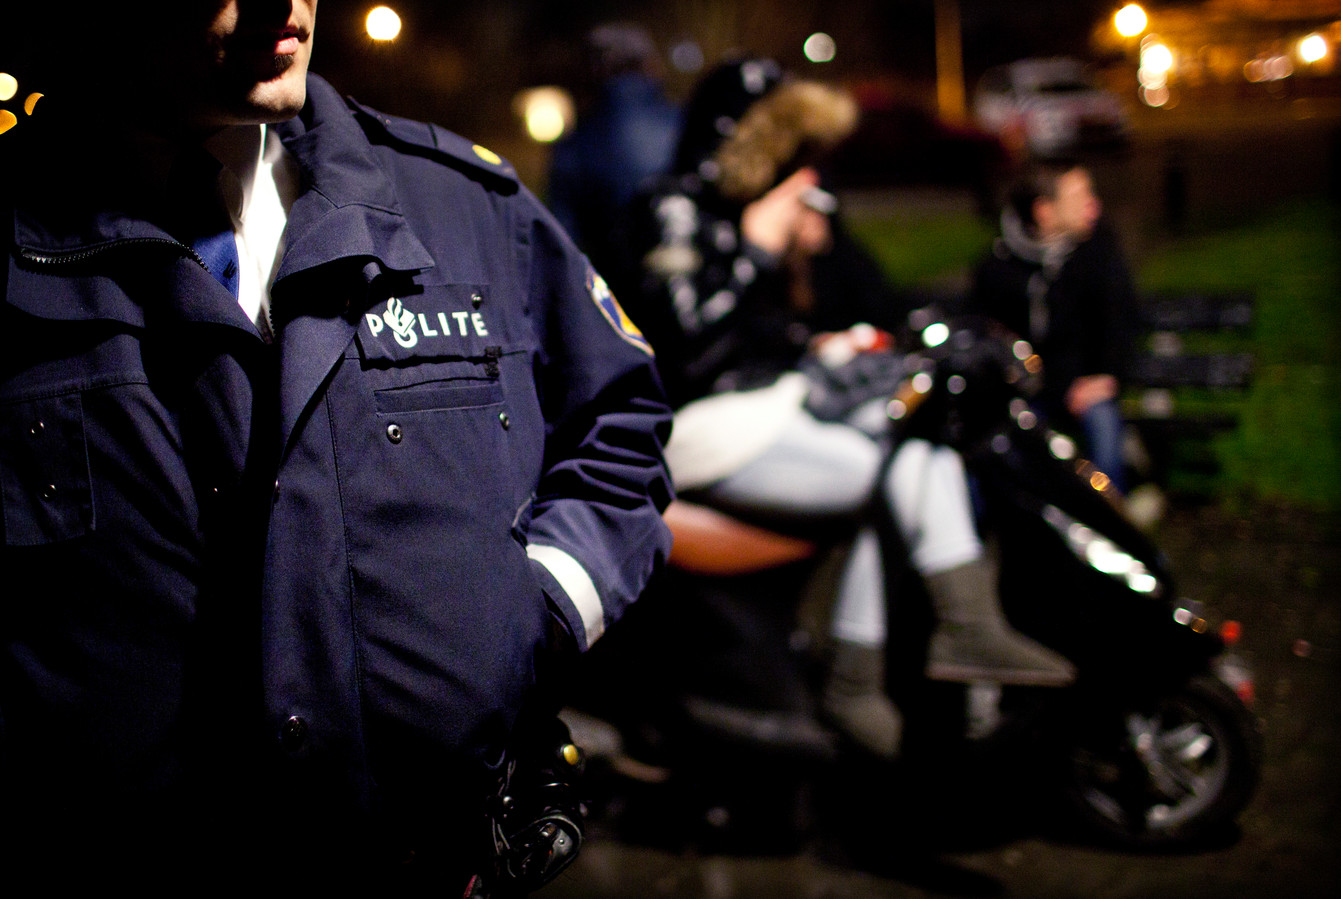 De politie en de gemeente Ede hebben de laatste maanden veel meer meldingen van jeugdoverlast binnengekregen dan in voorgaande jaren.